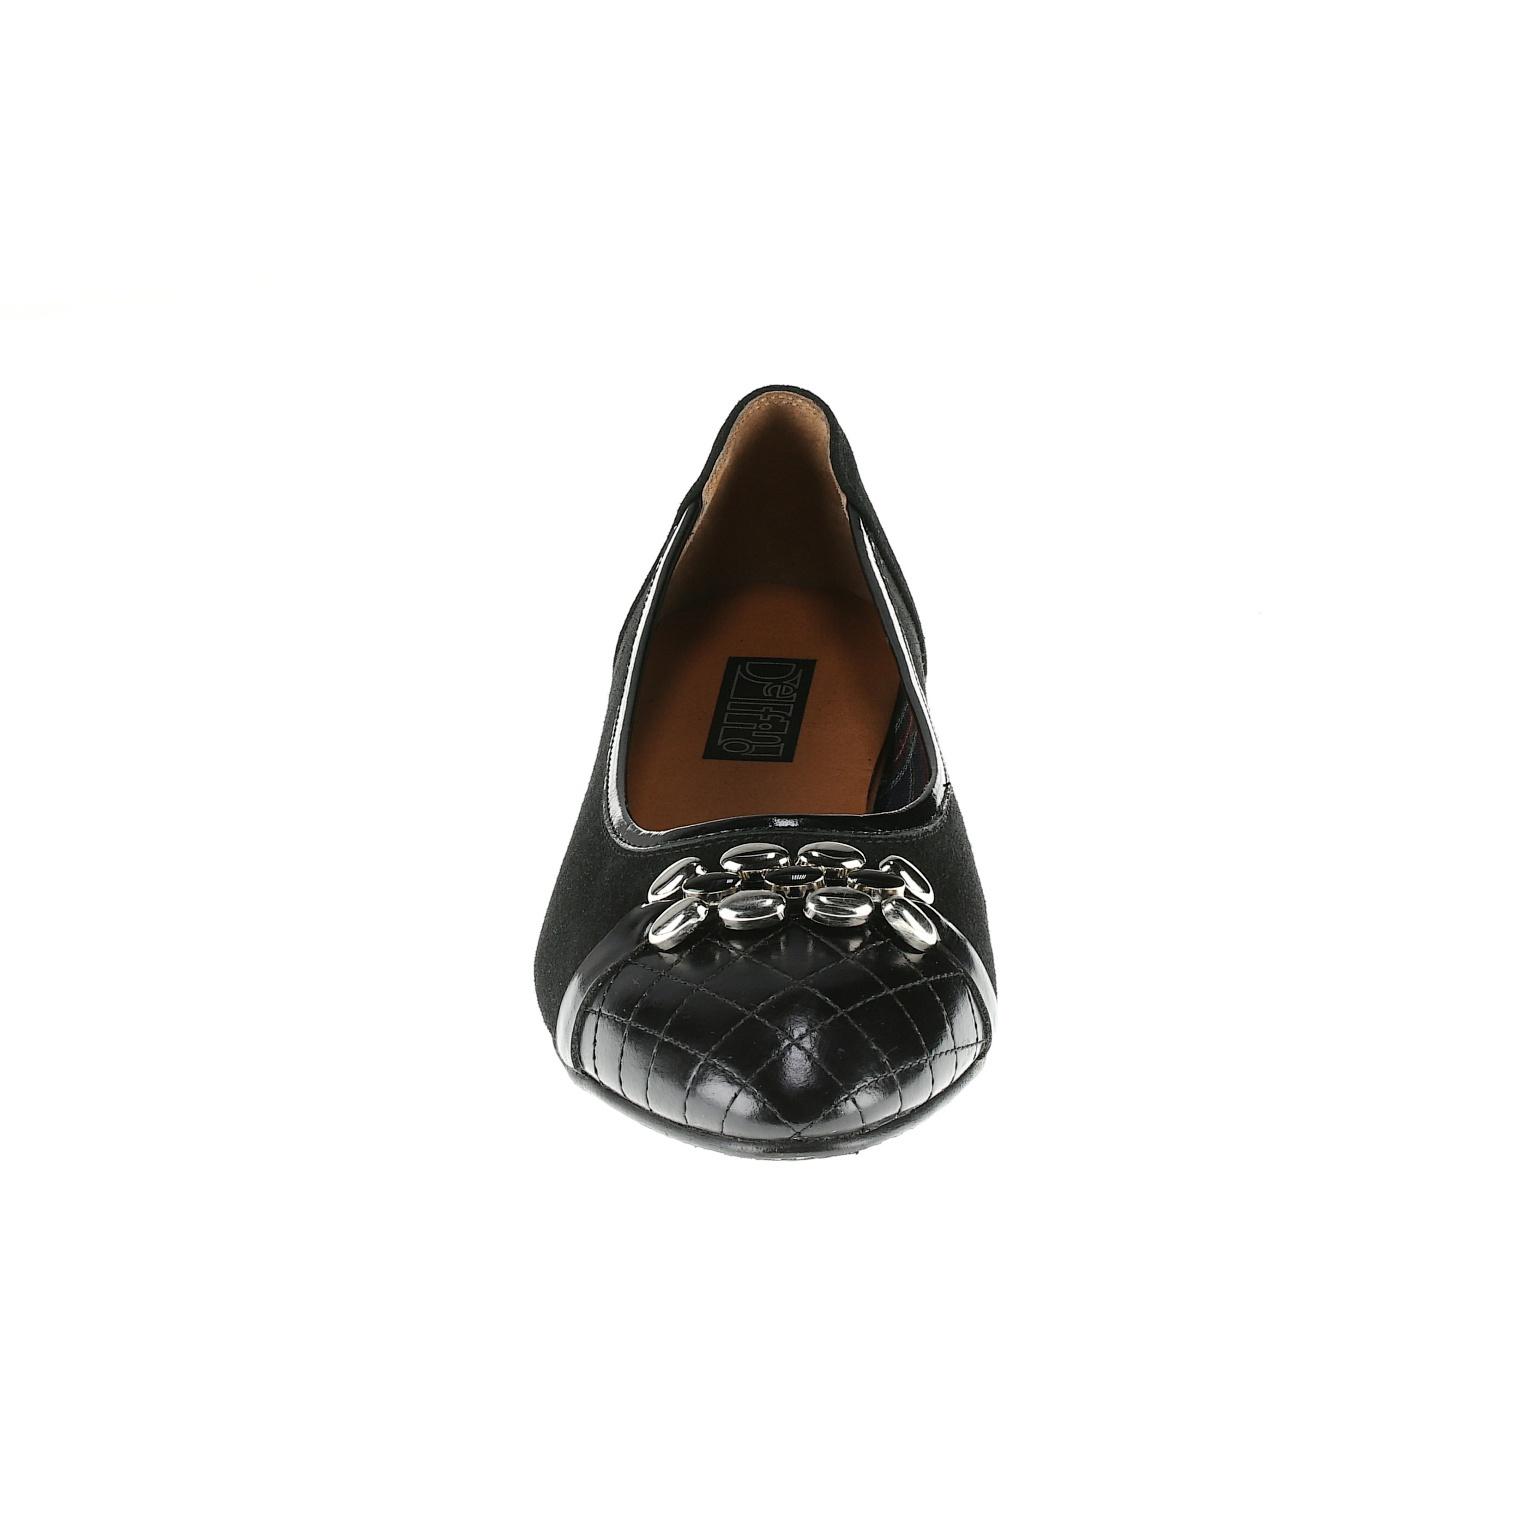 569299 Туфли женские черные больших размеров марки Делфино